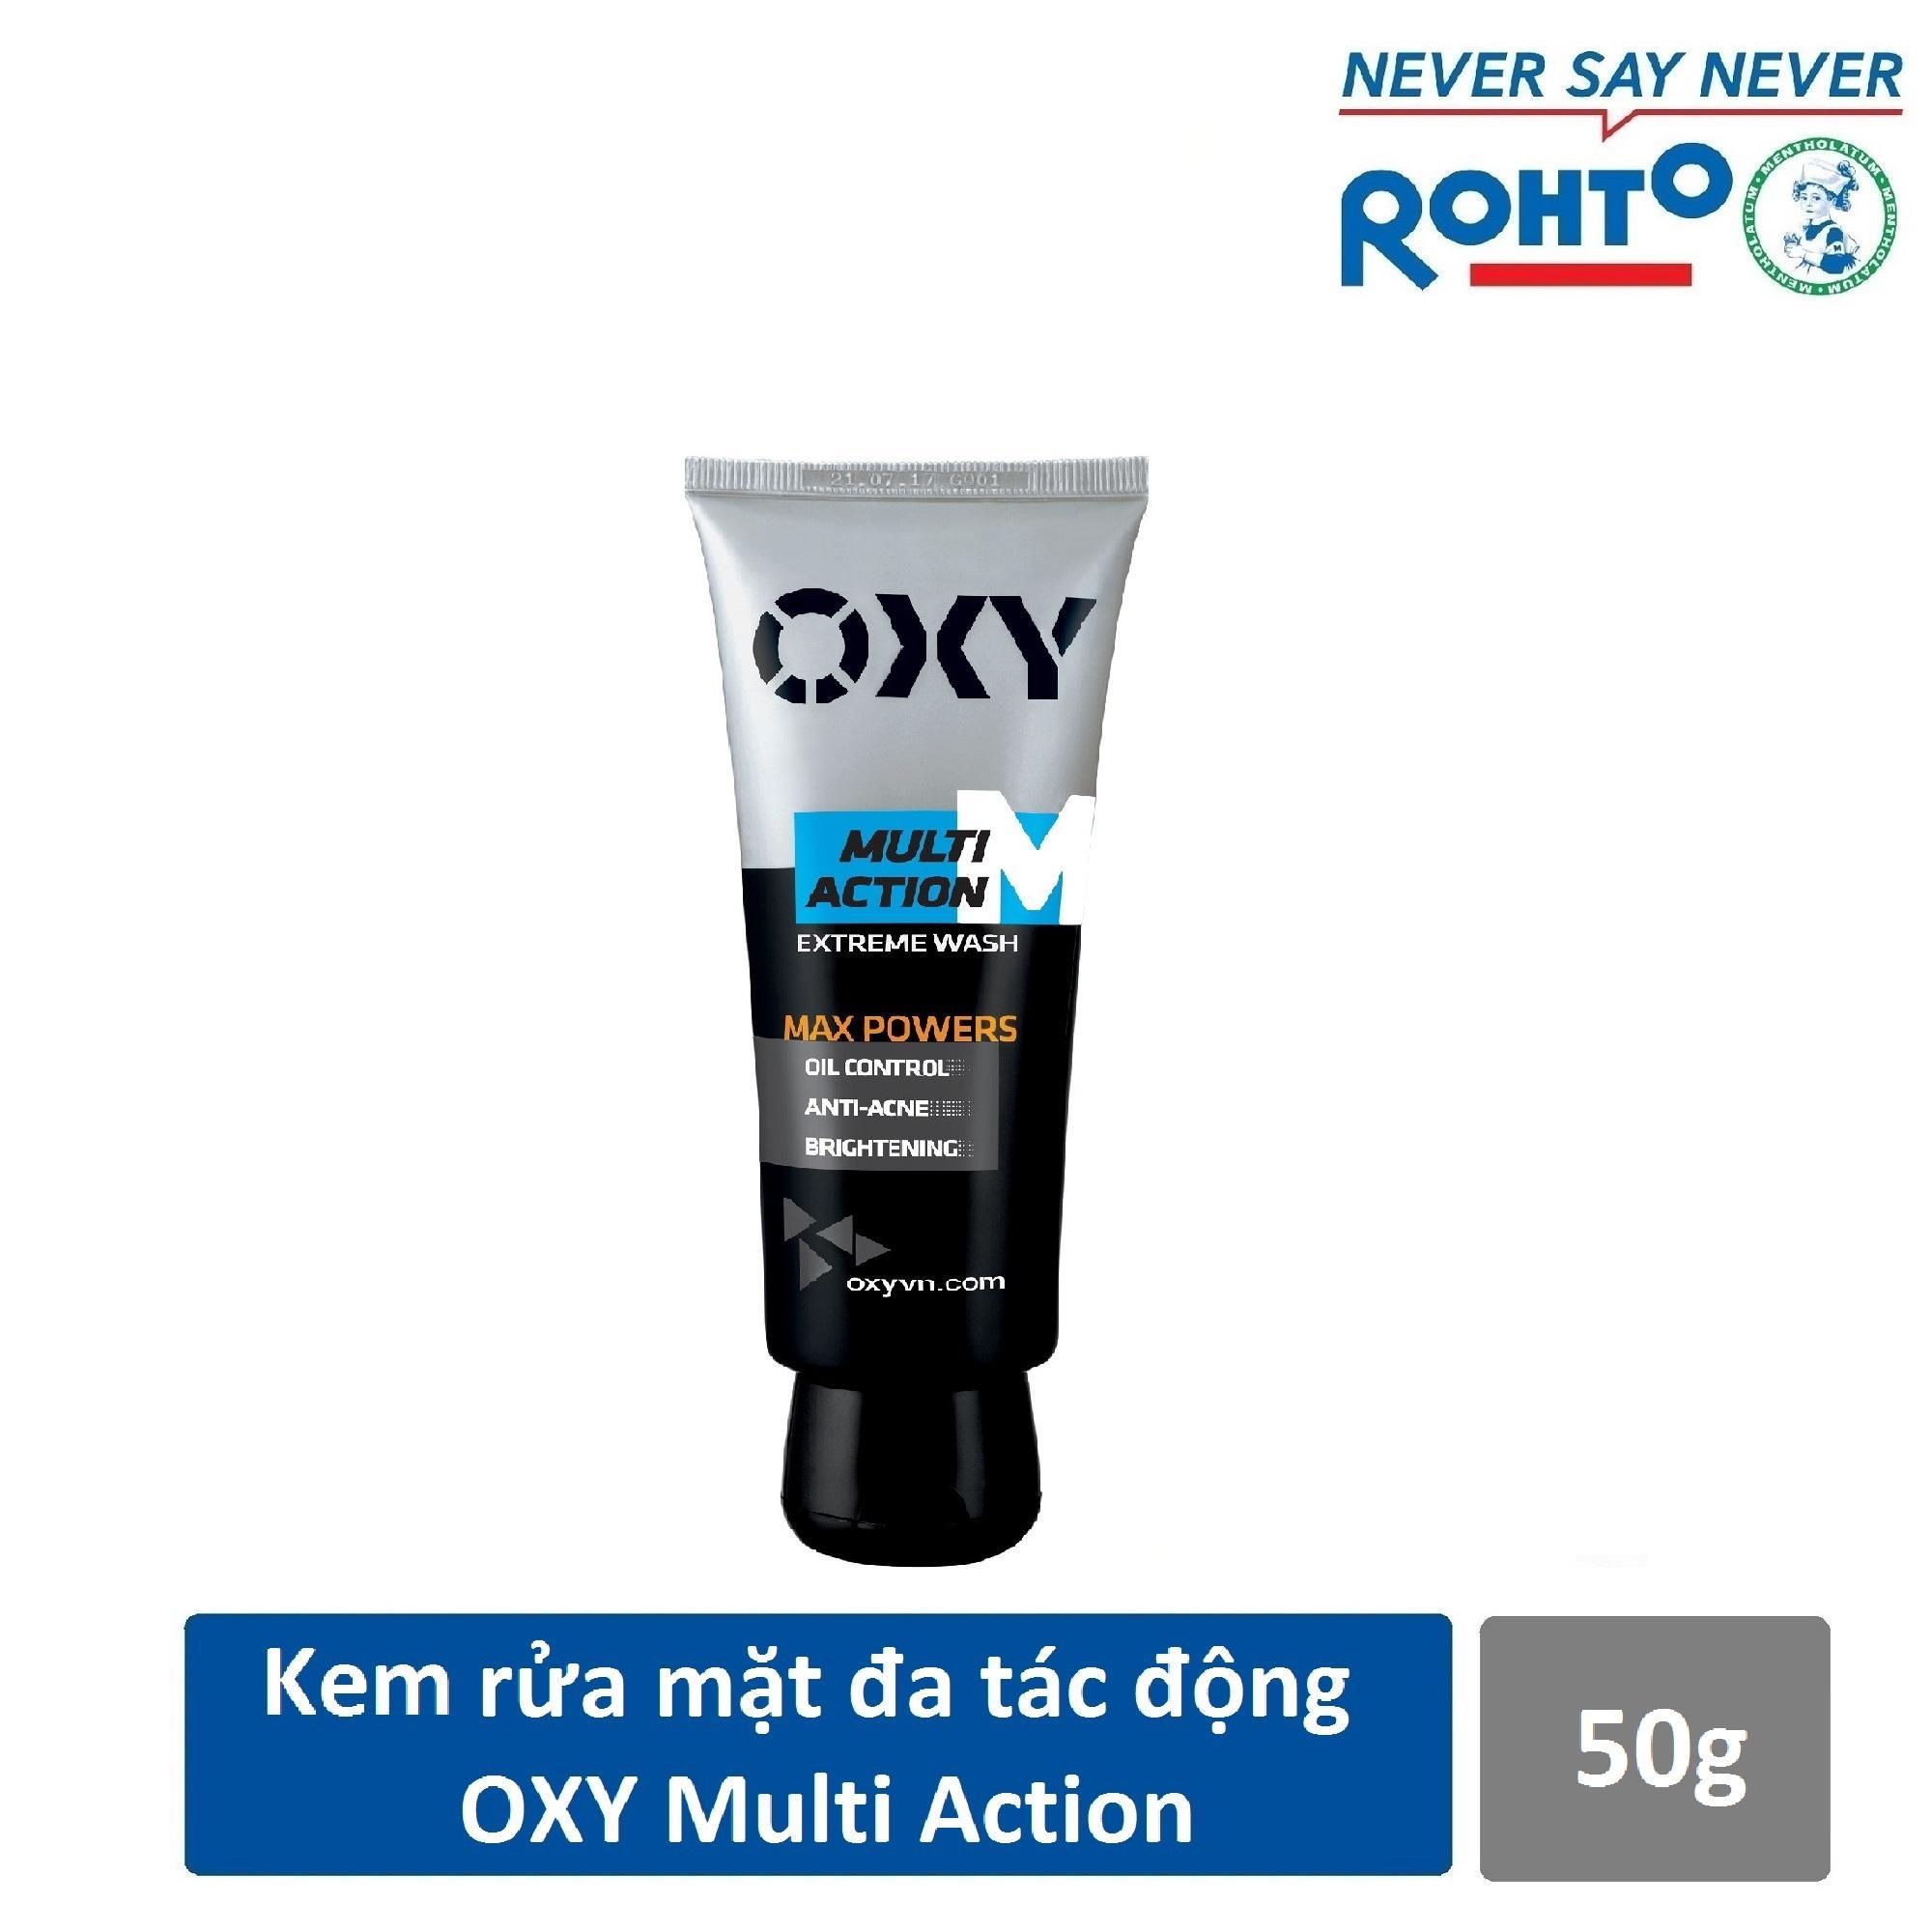 [QUÀ TẶNG] Kem rửa mặt đa tác động cho Nam Oxy Multi Action 50g